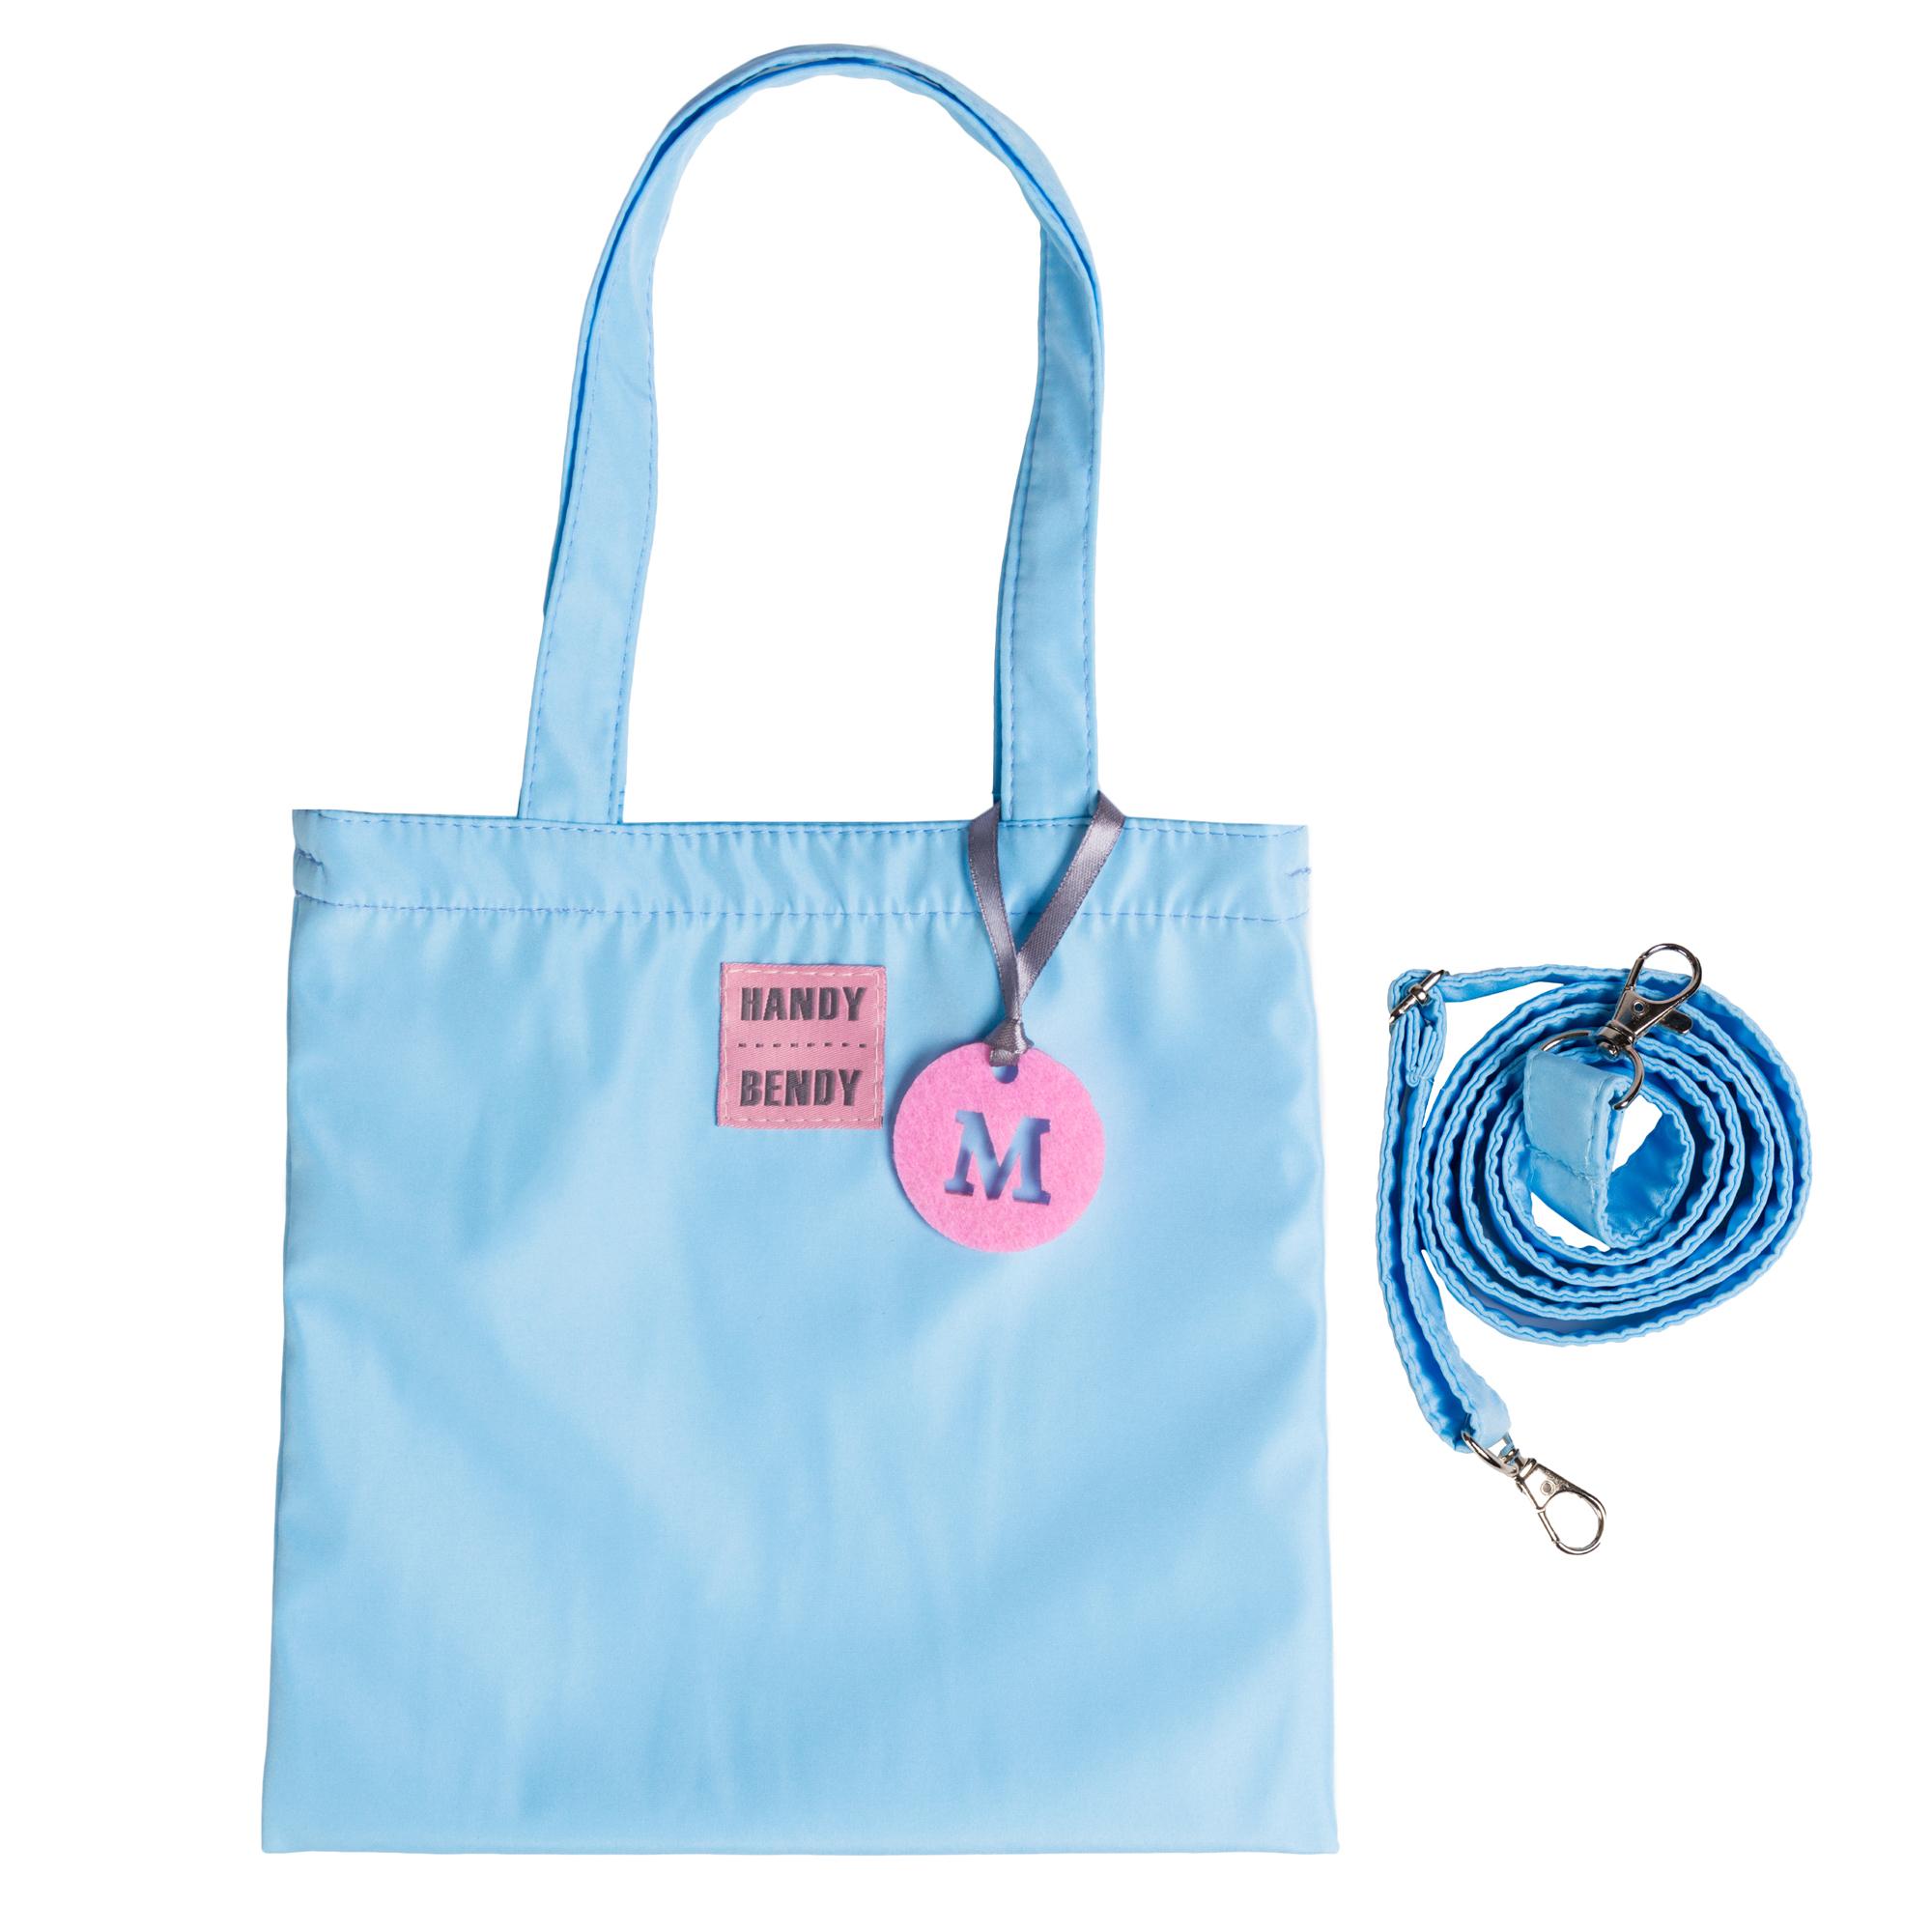 Маленькая сумка Handy Bendy со съемной ручкой и медальоном, голубой